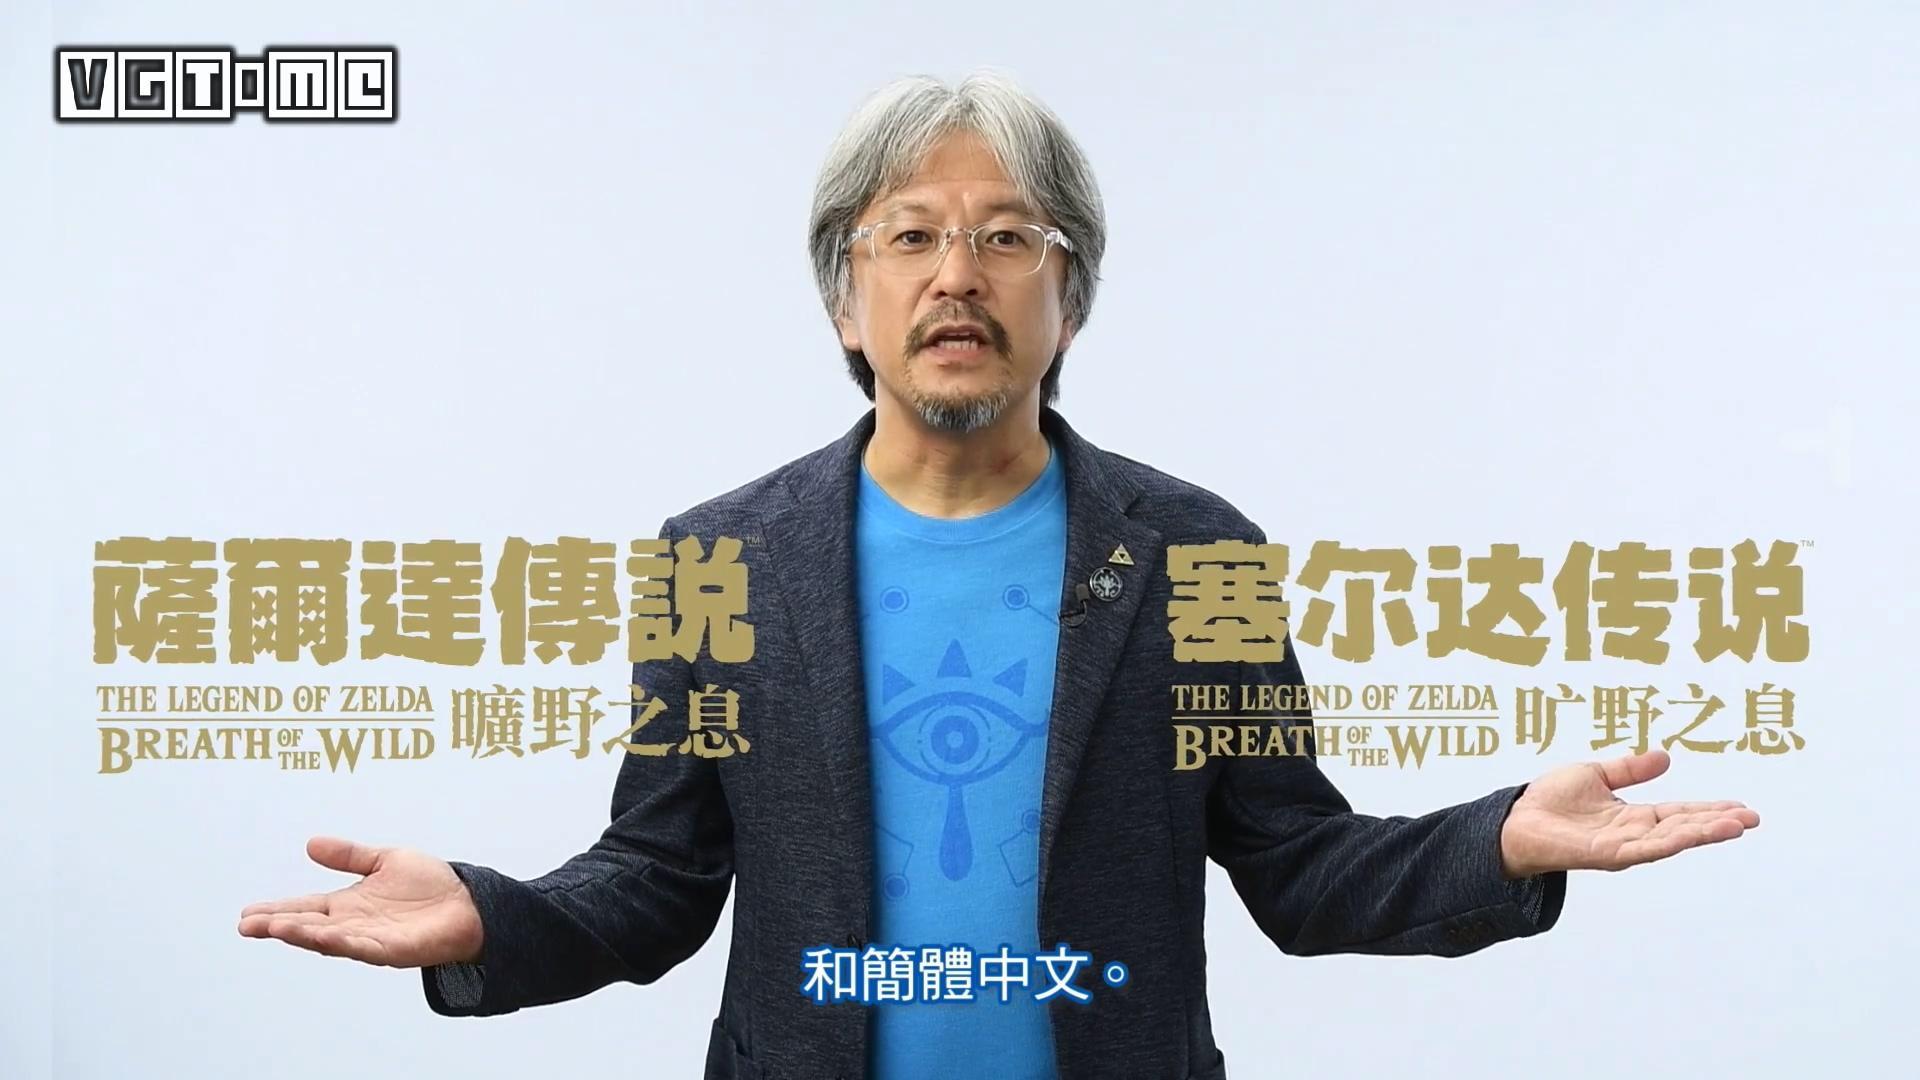 异度之刃2确认支持简体中文 中文版同步首发